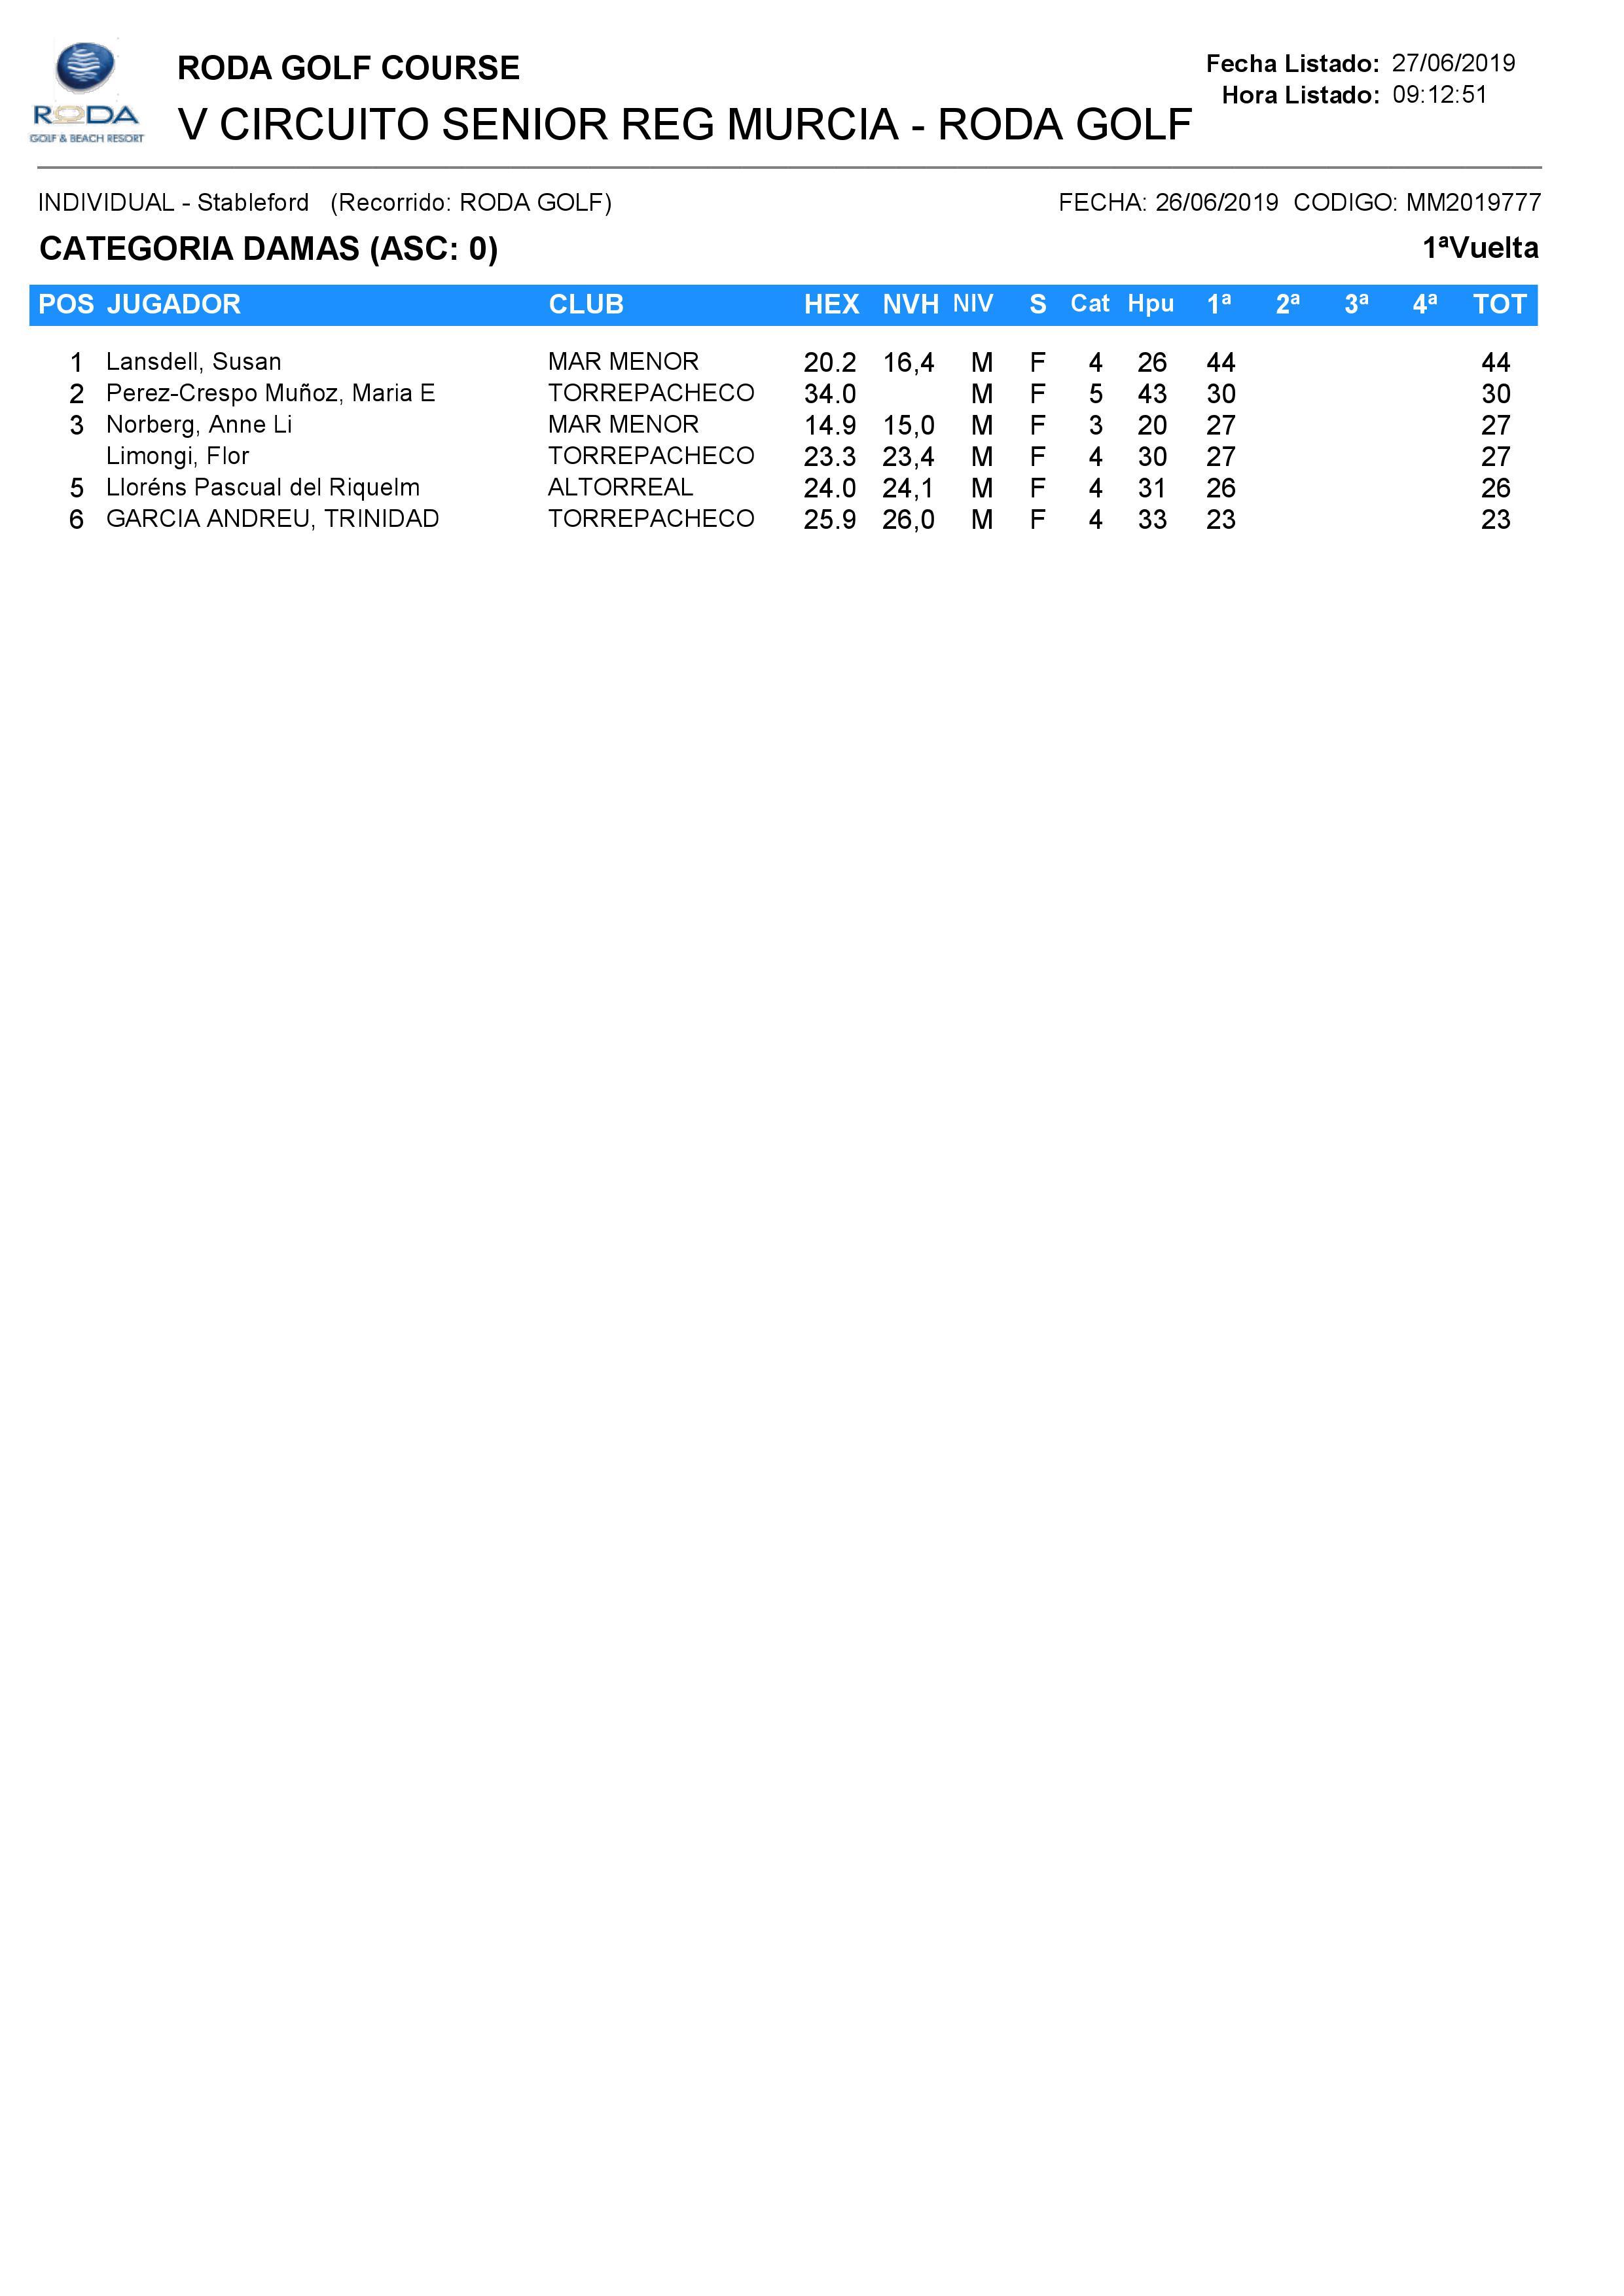 190626 ROD, Clasificación del torneo Categoría Damas